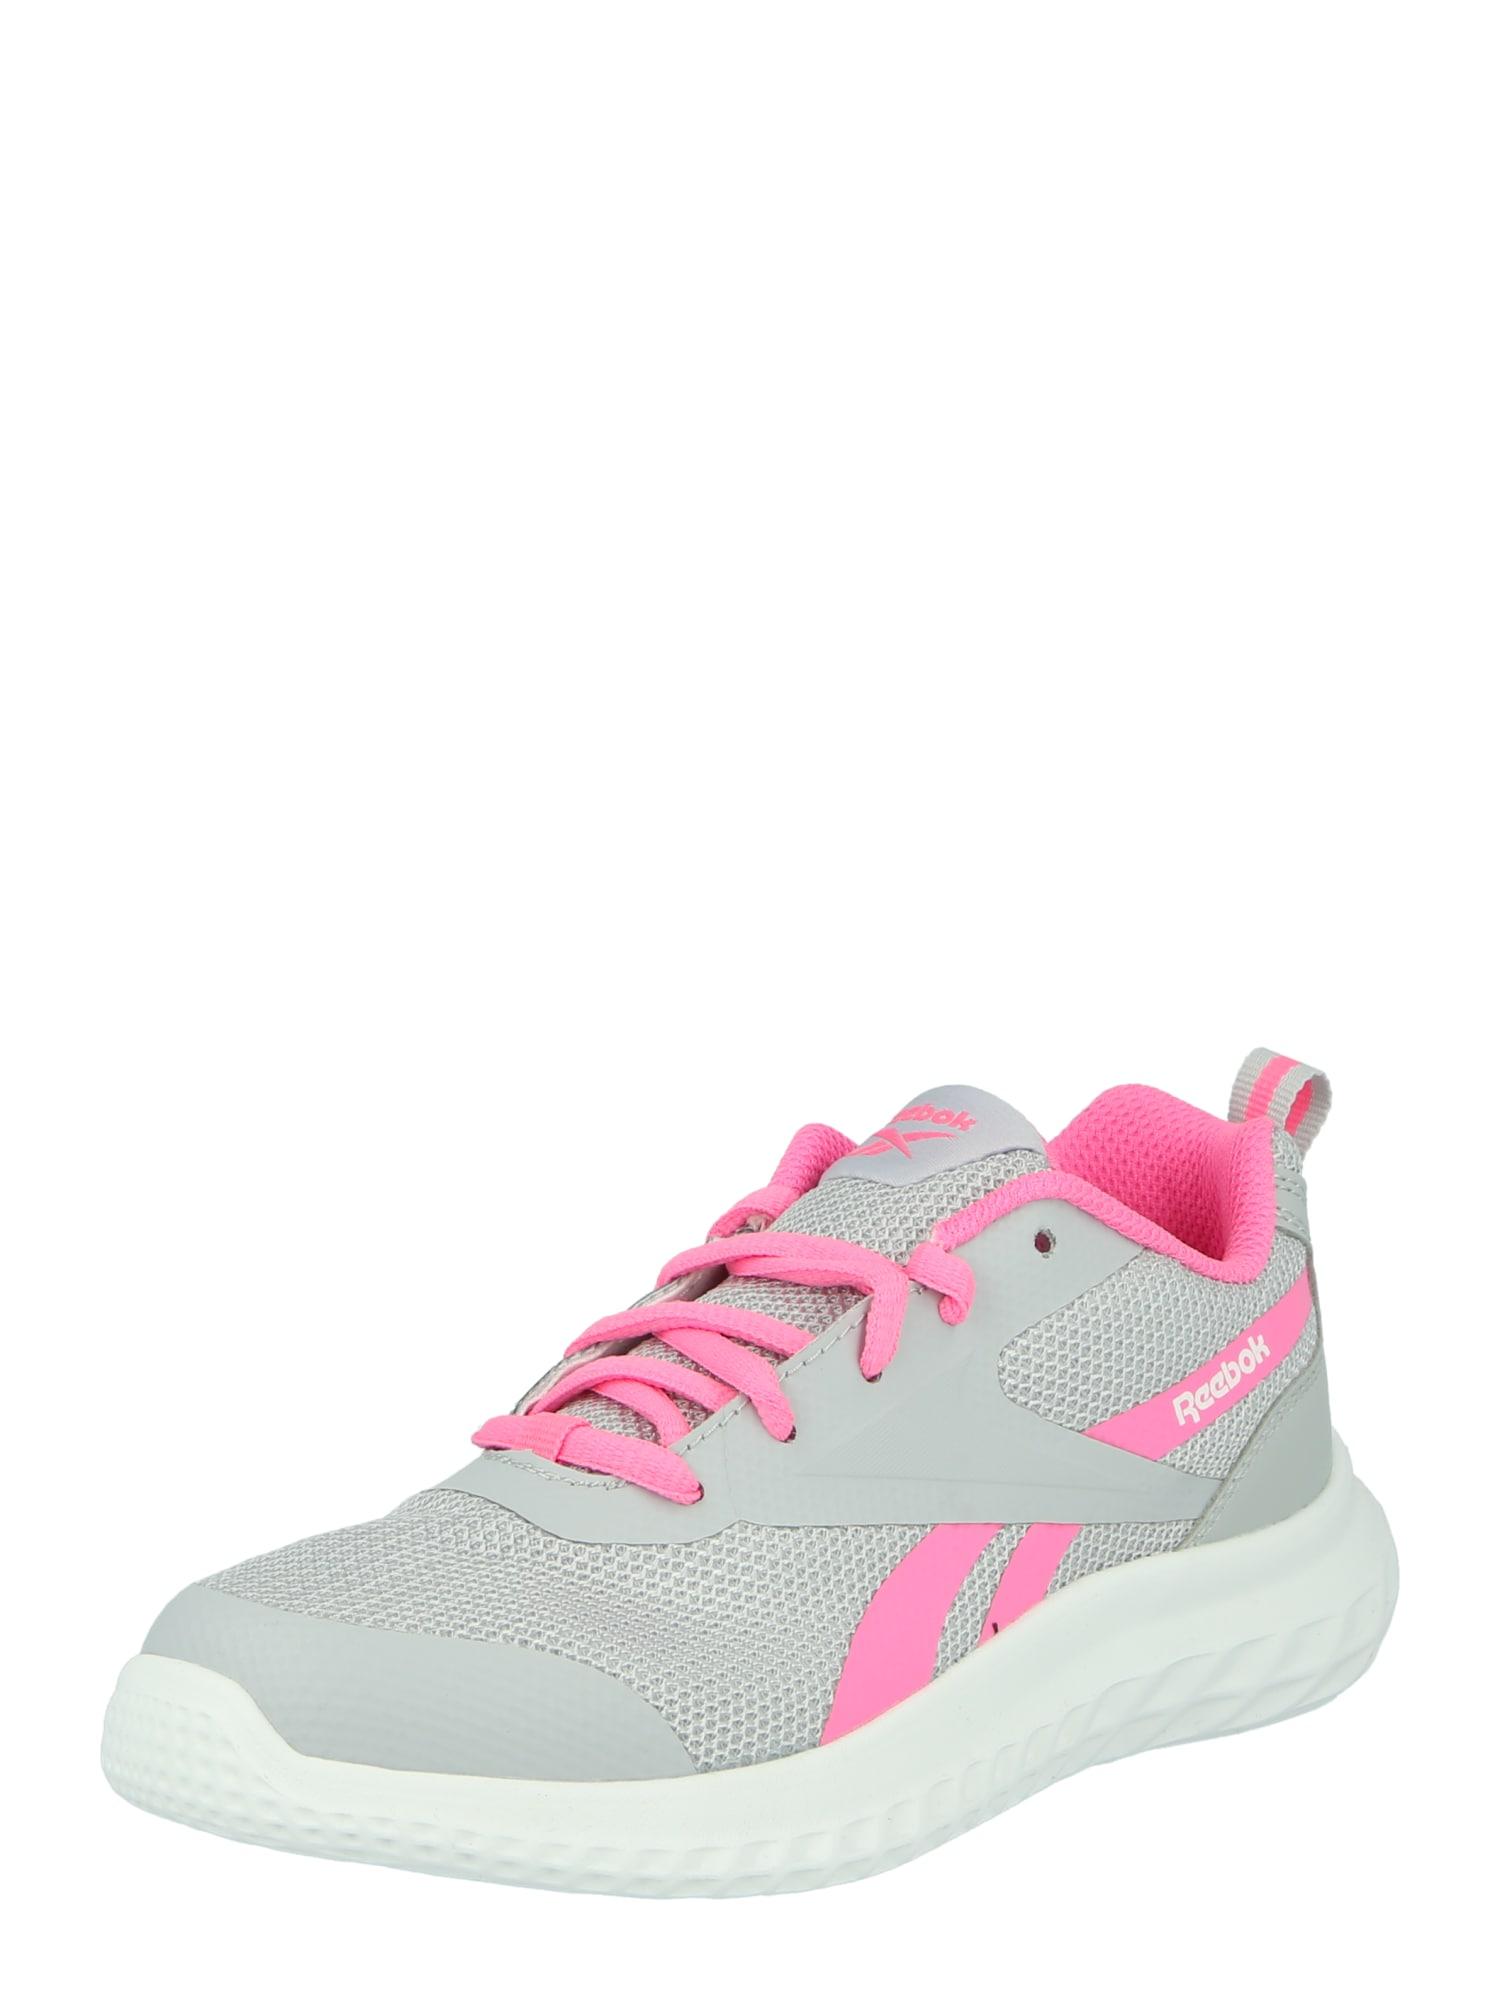 REEBOK Sportiniai batai 'RUSH RUNNER 3.0' pilka / rožinė